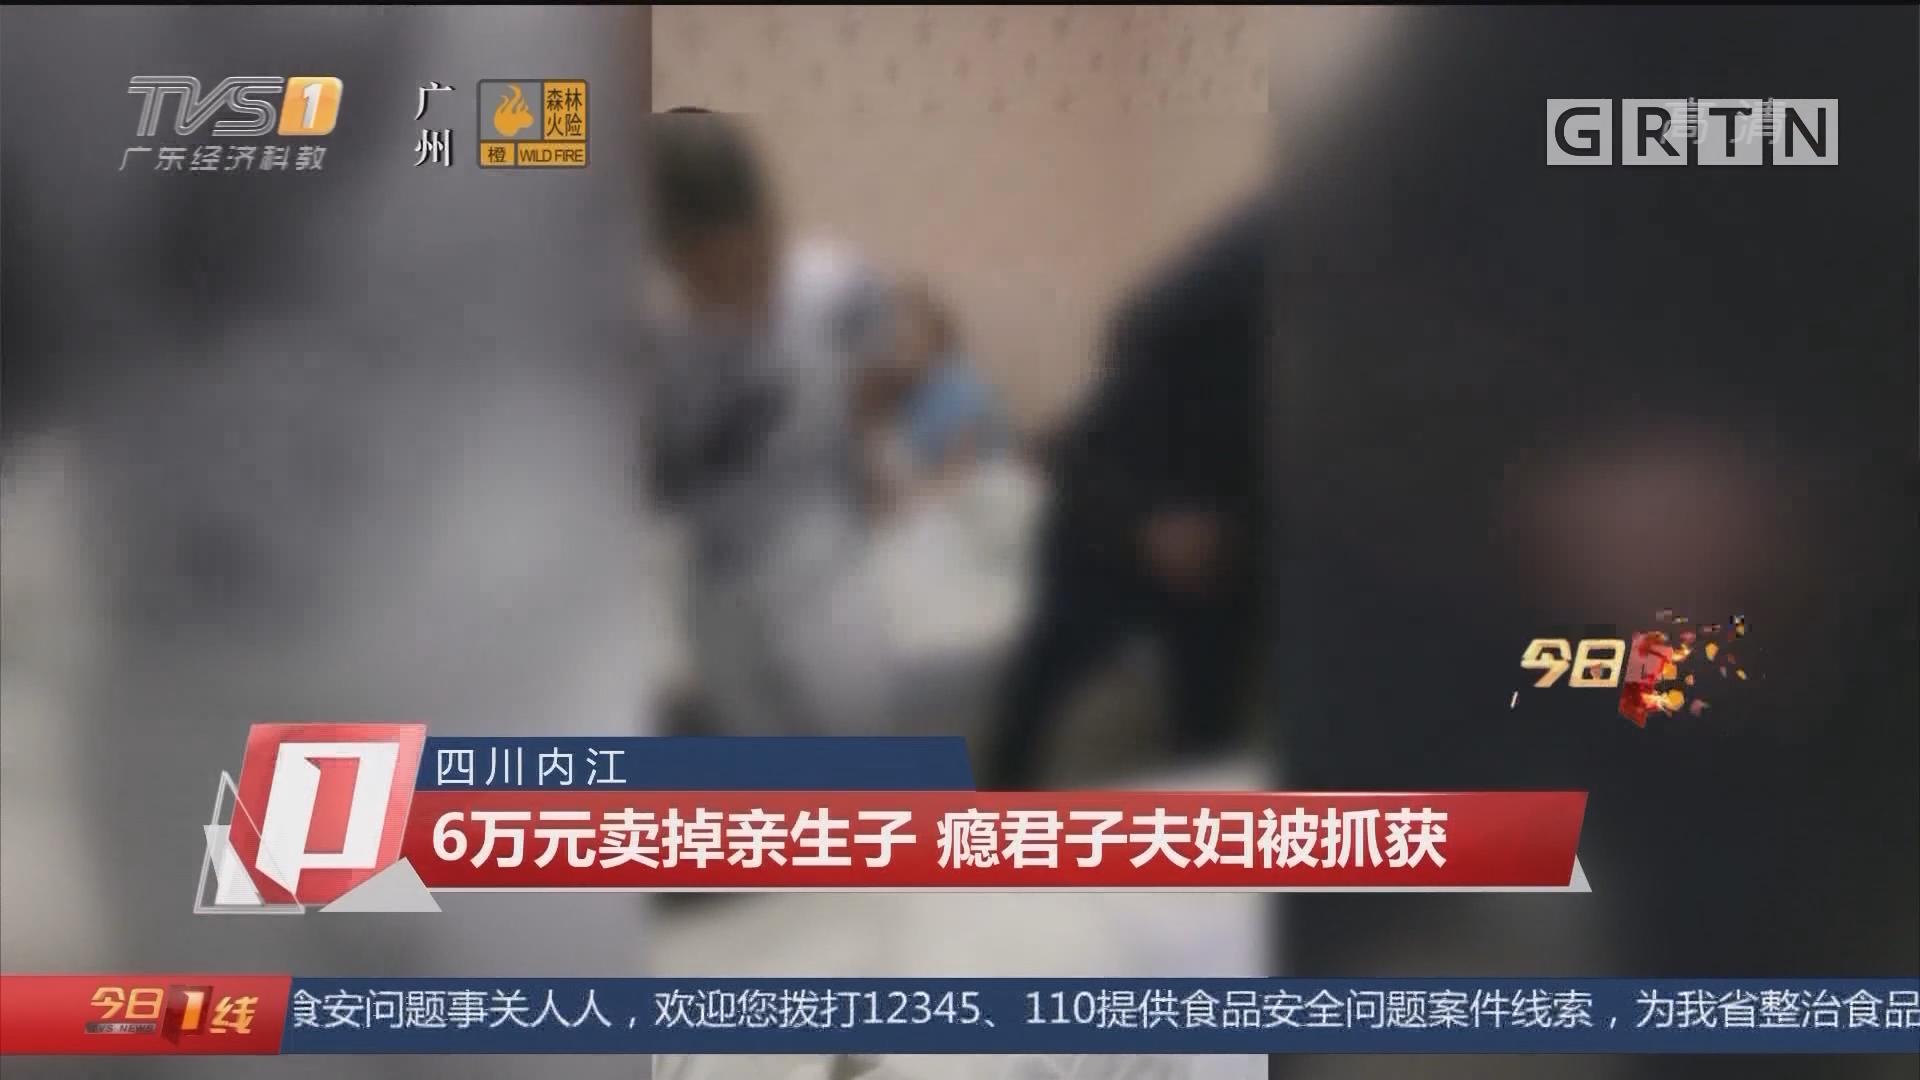 四川内江:6万元卖掉亲生子 瘾君子夫妇被抓获